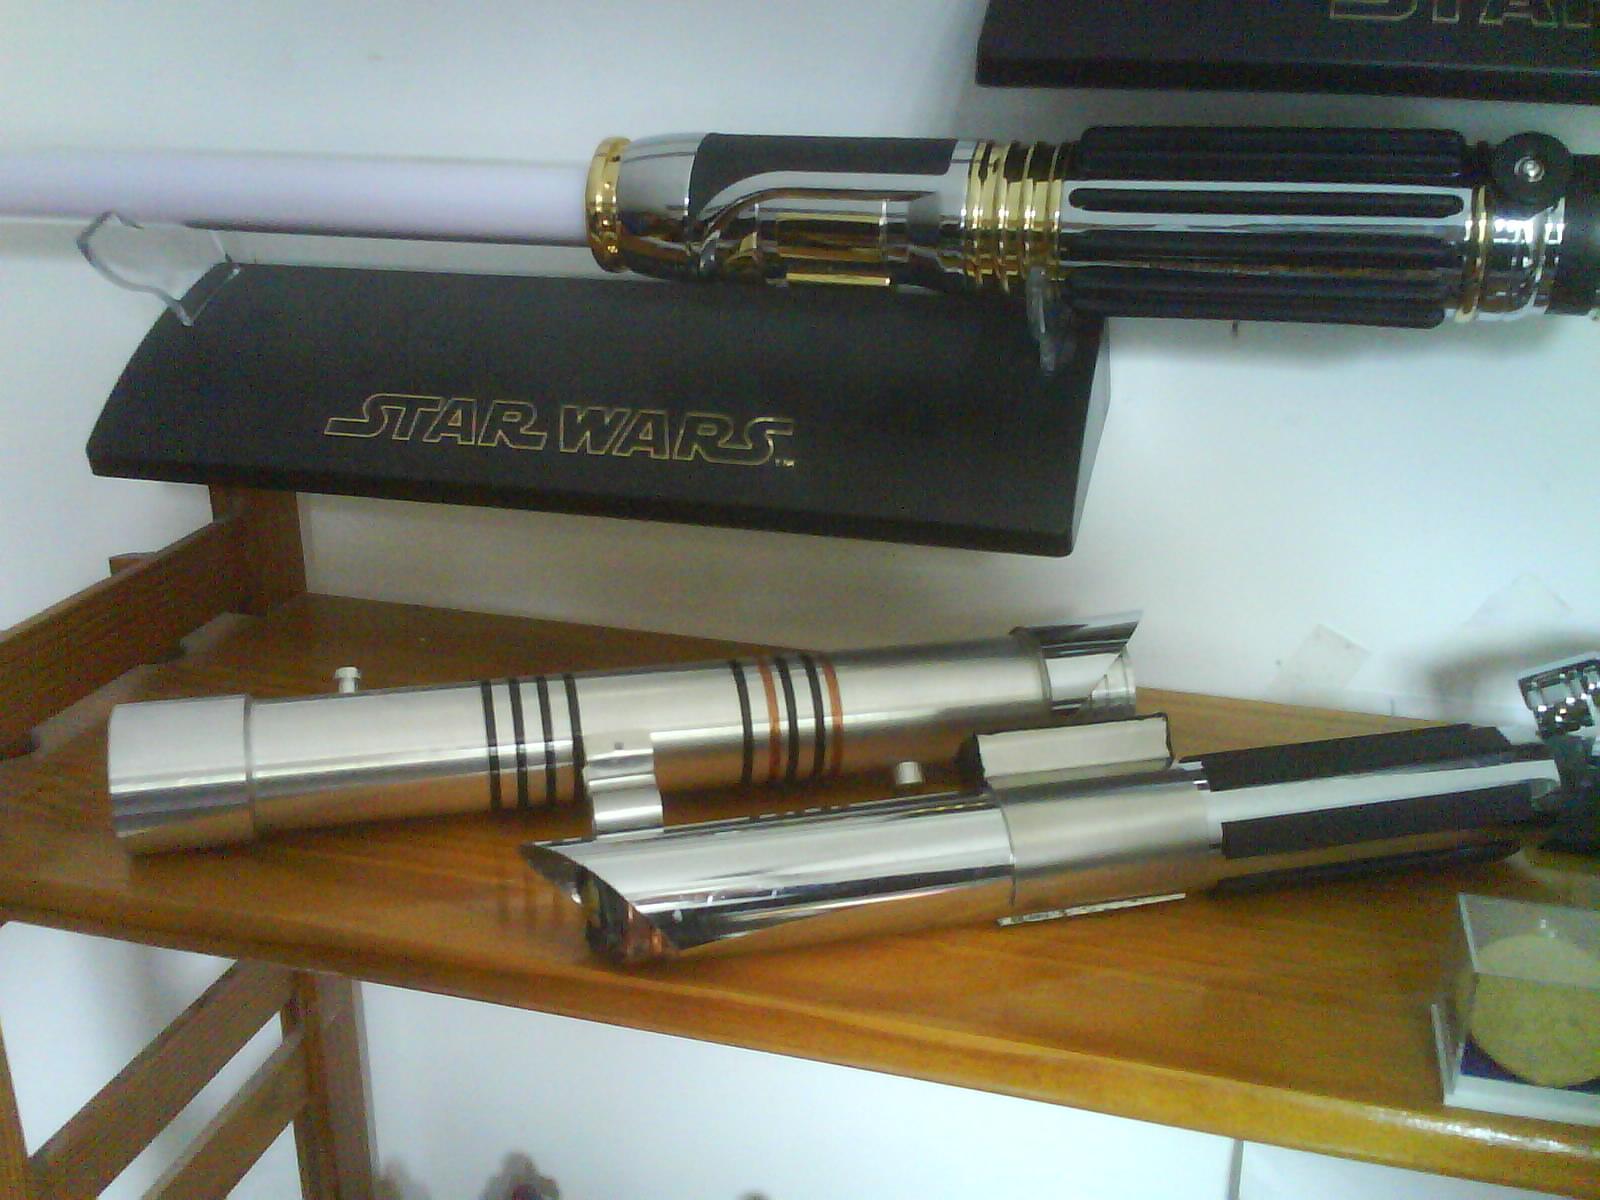 Photo 2 - Voici mes 2 sabres custom, celui du haut, je l'ai usiné surun tour traditionnel au lycée, et celui du bas, avec des materiaux de récup, quand je bossais dans le GSM